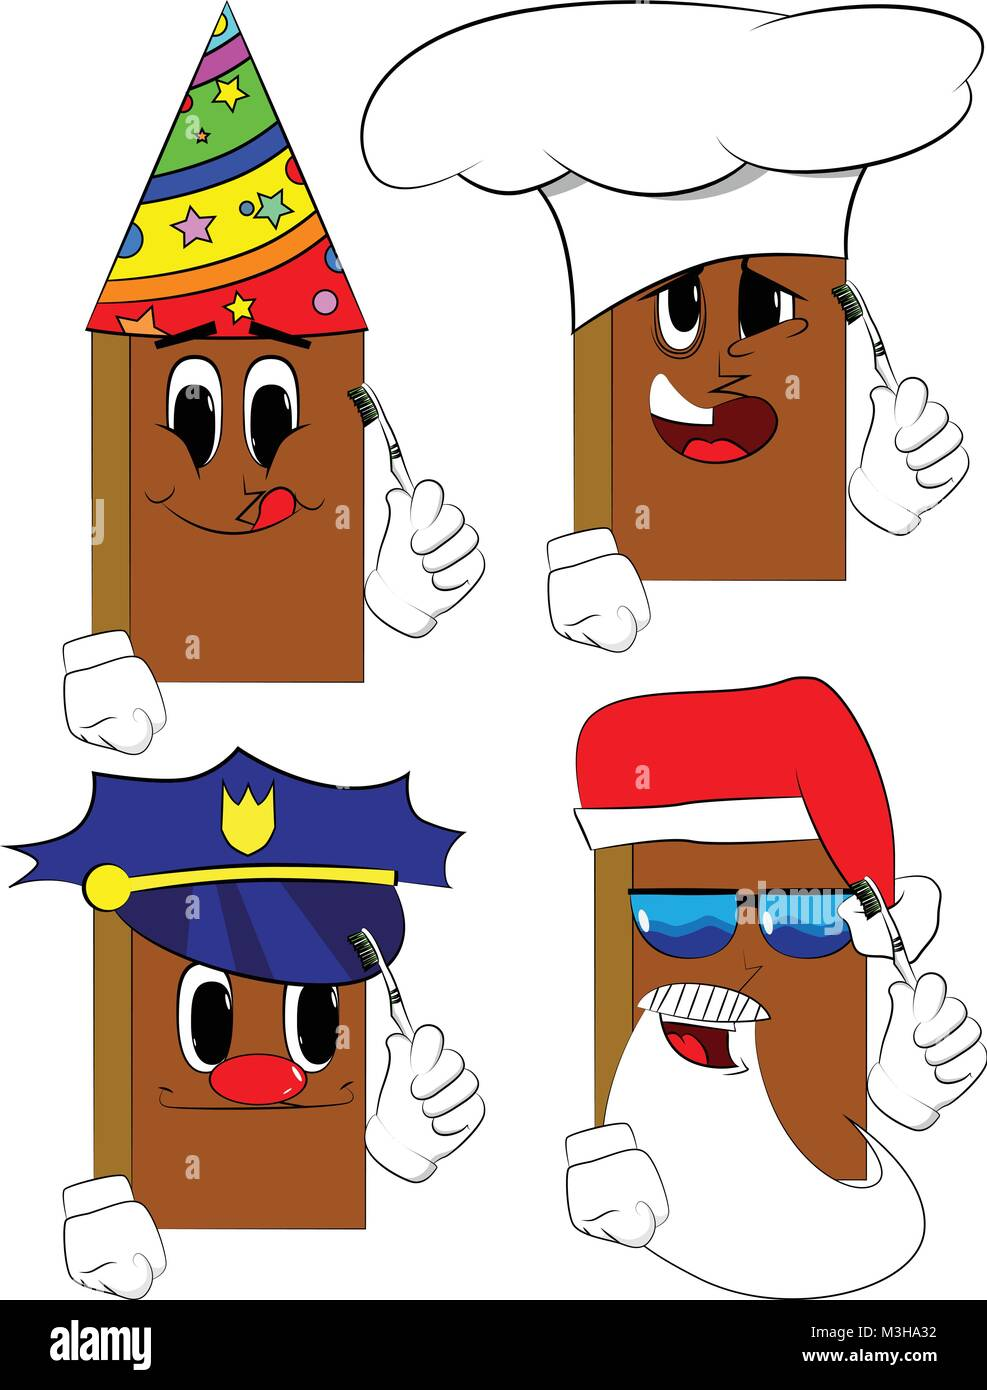 Libros sosteniendo el cepillo de dientes. Colección de libros de dibujos  animados con caras de 5dc6d395339f